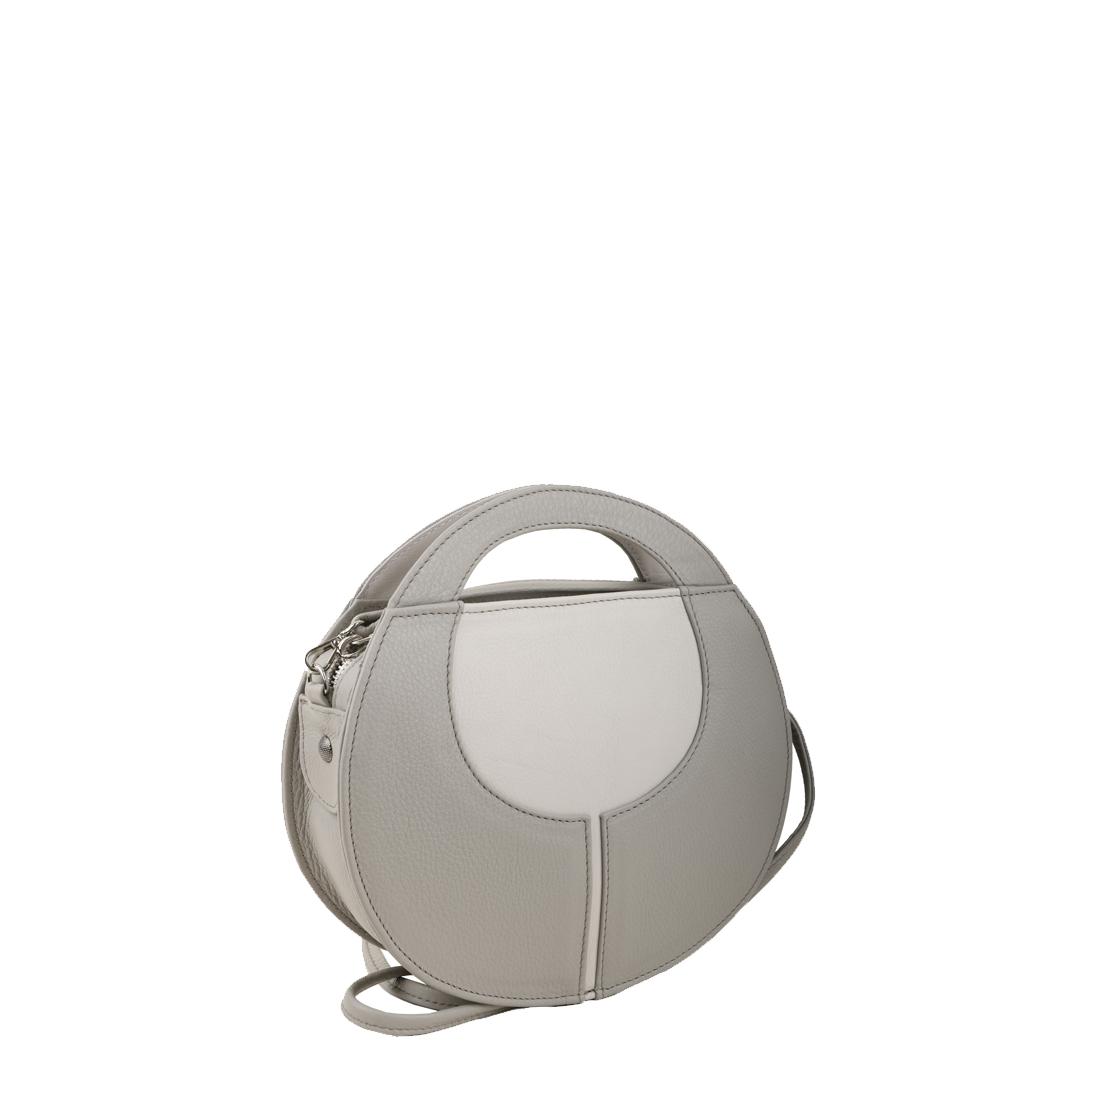 Olivia Plaster Leather Shoulder Bag